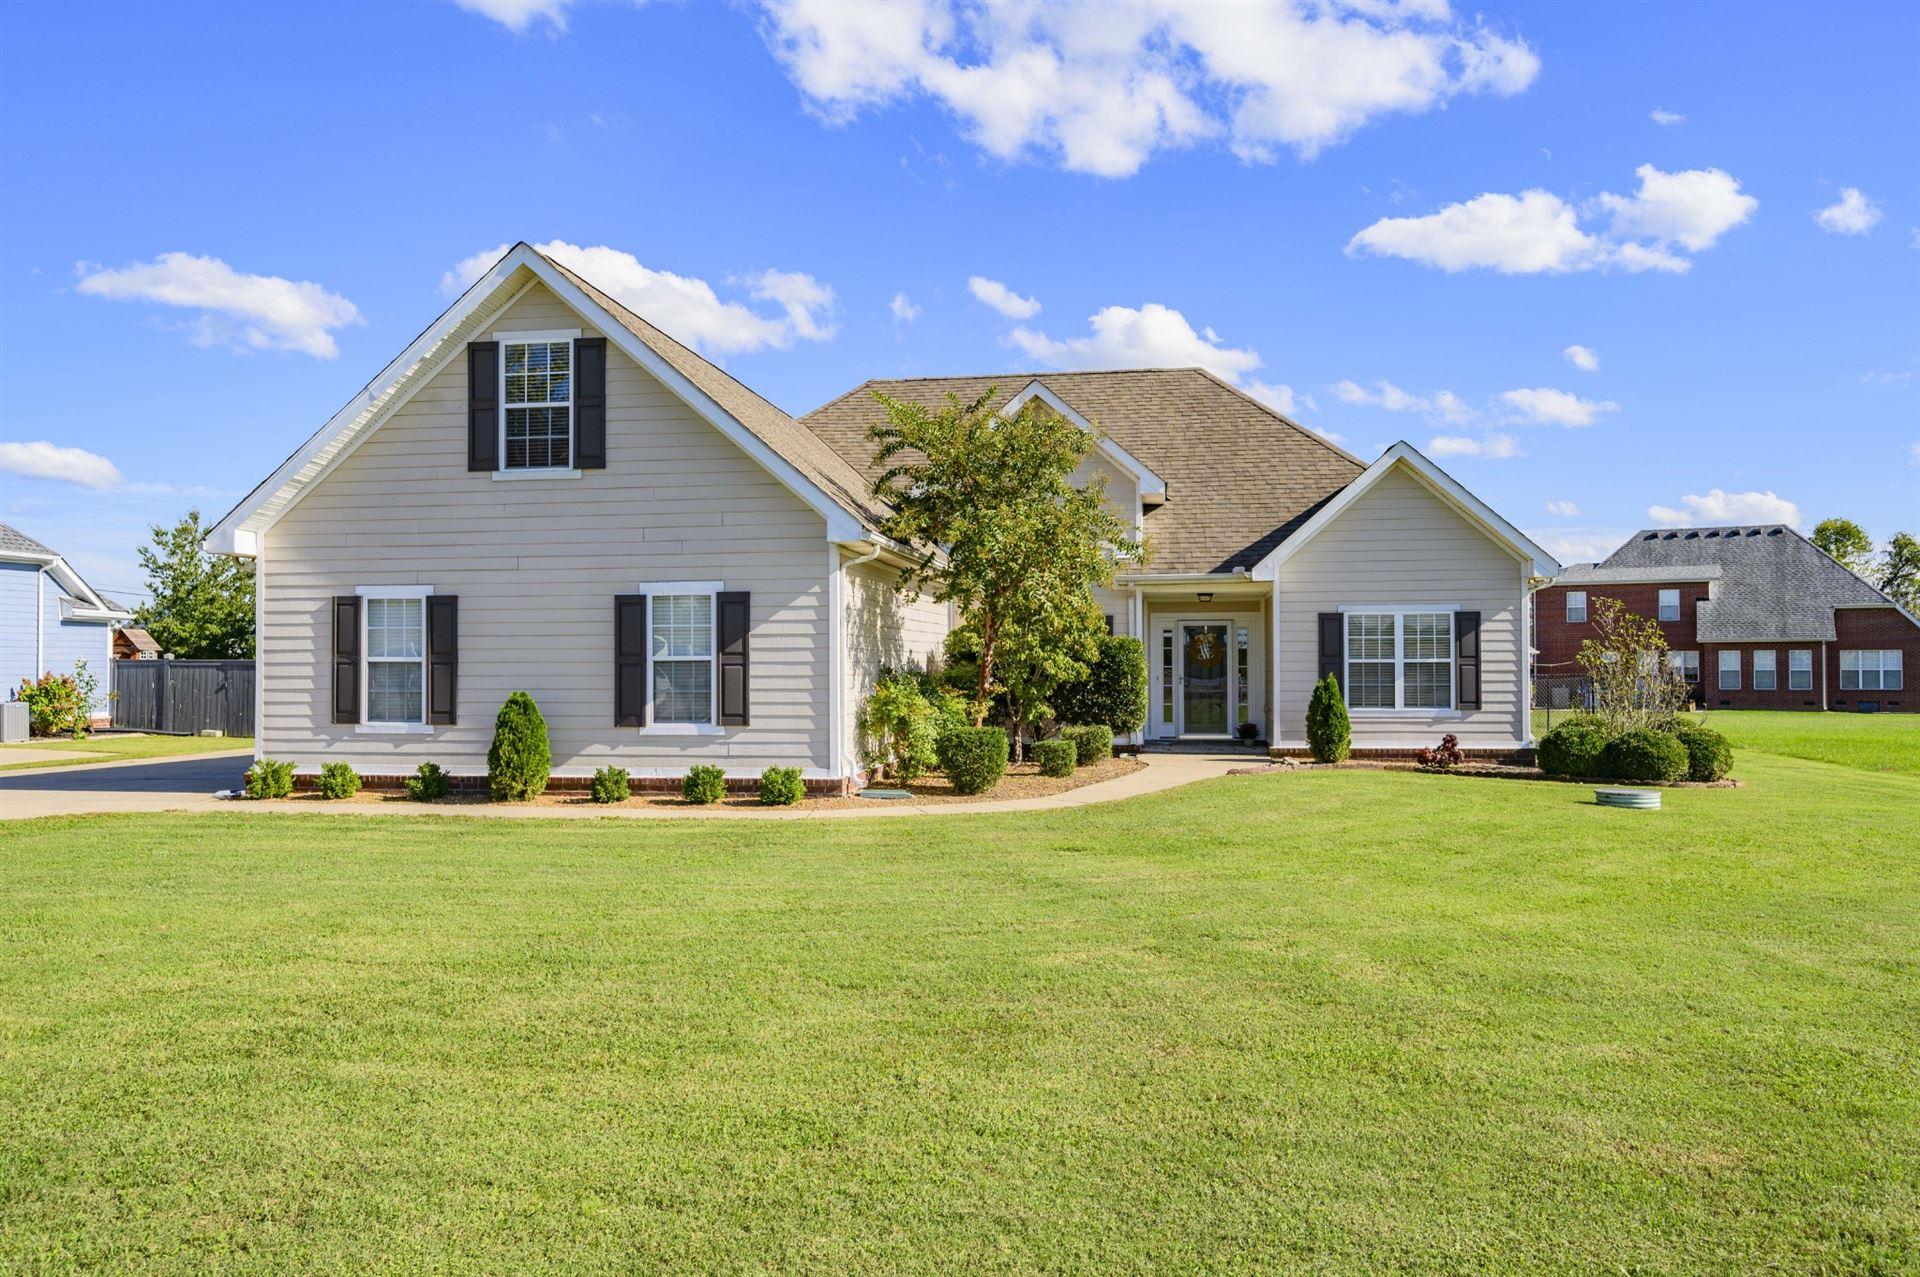 Photo of 4561 Barfield Crescent Rd, Murfreesboro, TN 37128 (MLS # 2299557)